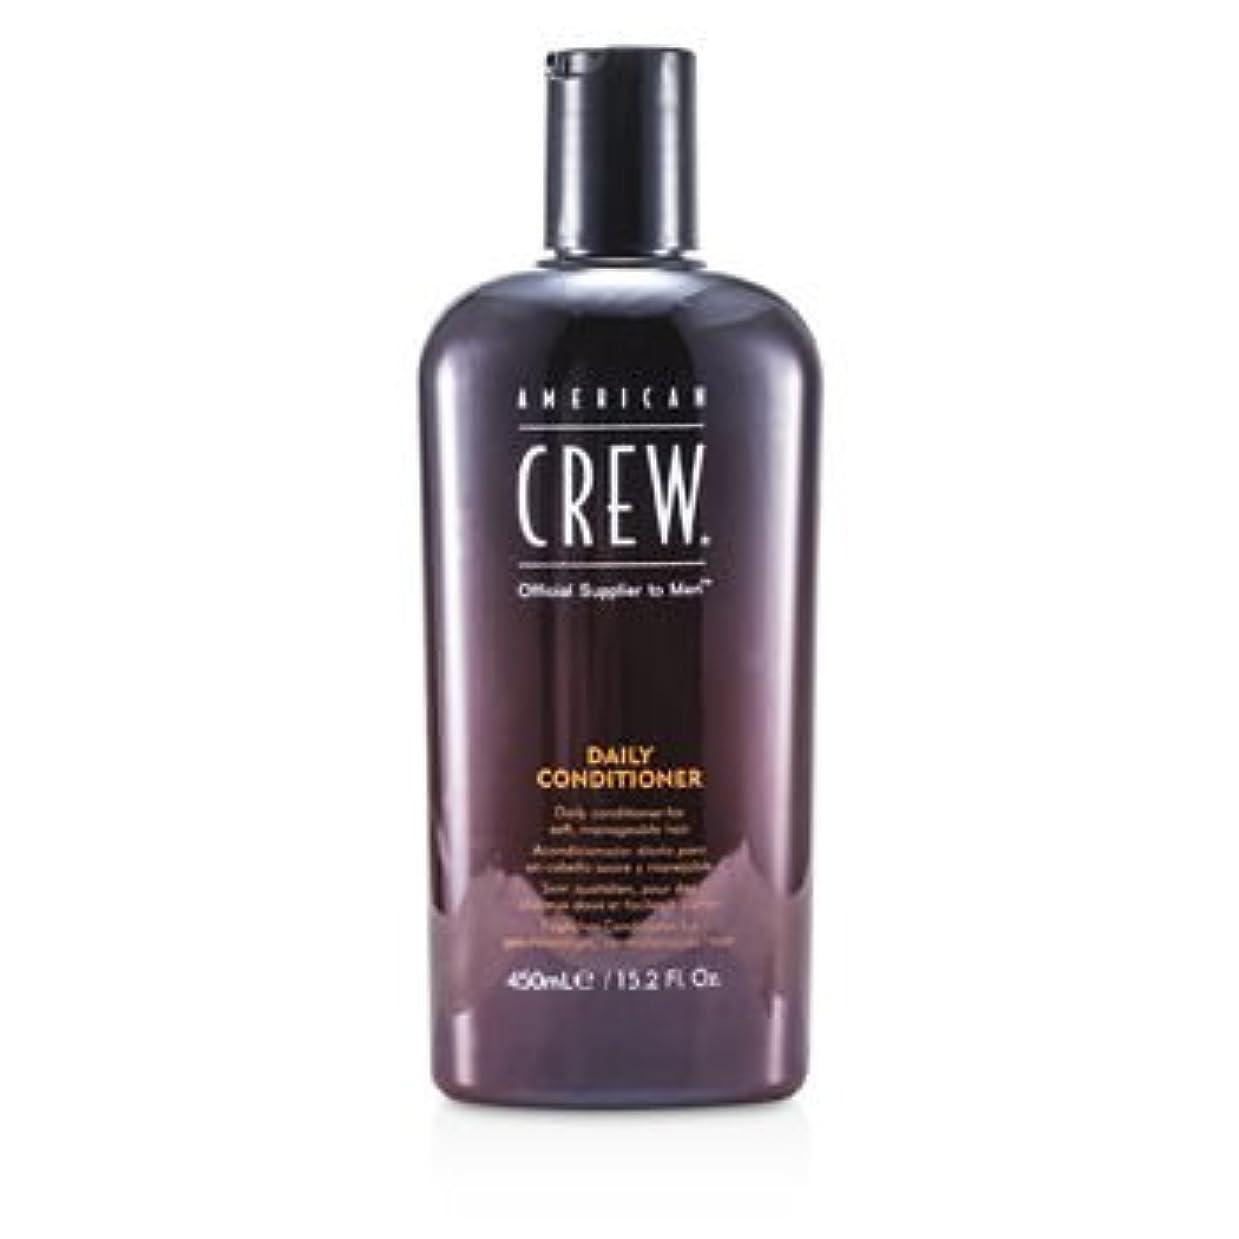 放棄された申請中資本主義[American Crew] Men Daily Conditioner (For Soft Manageable Hair) 450ml/15.2oz